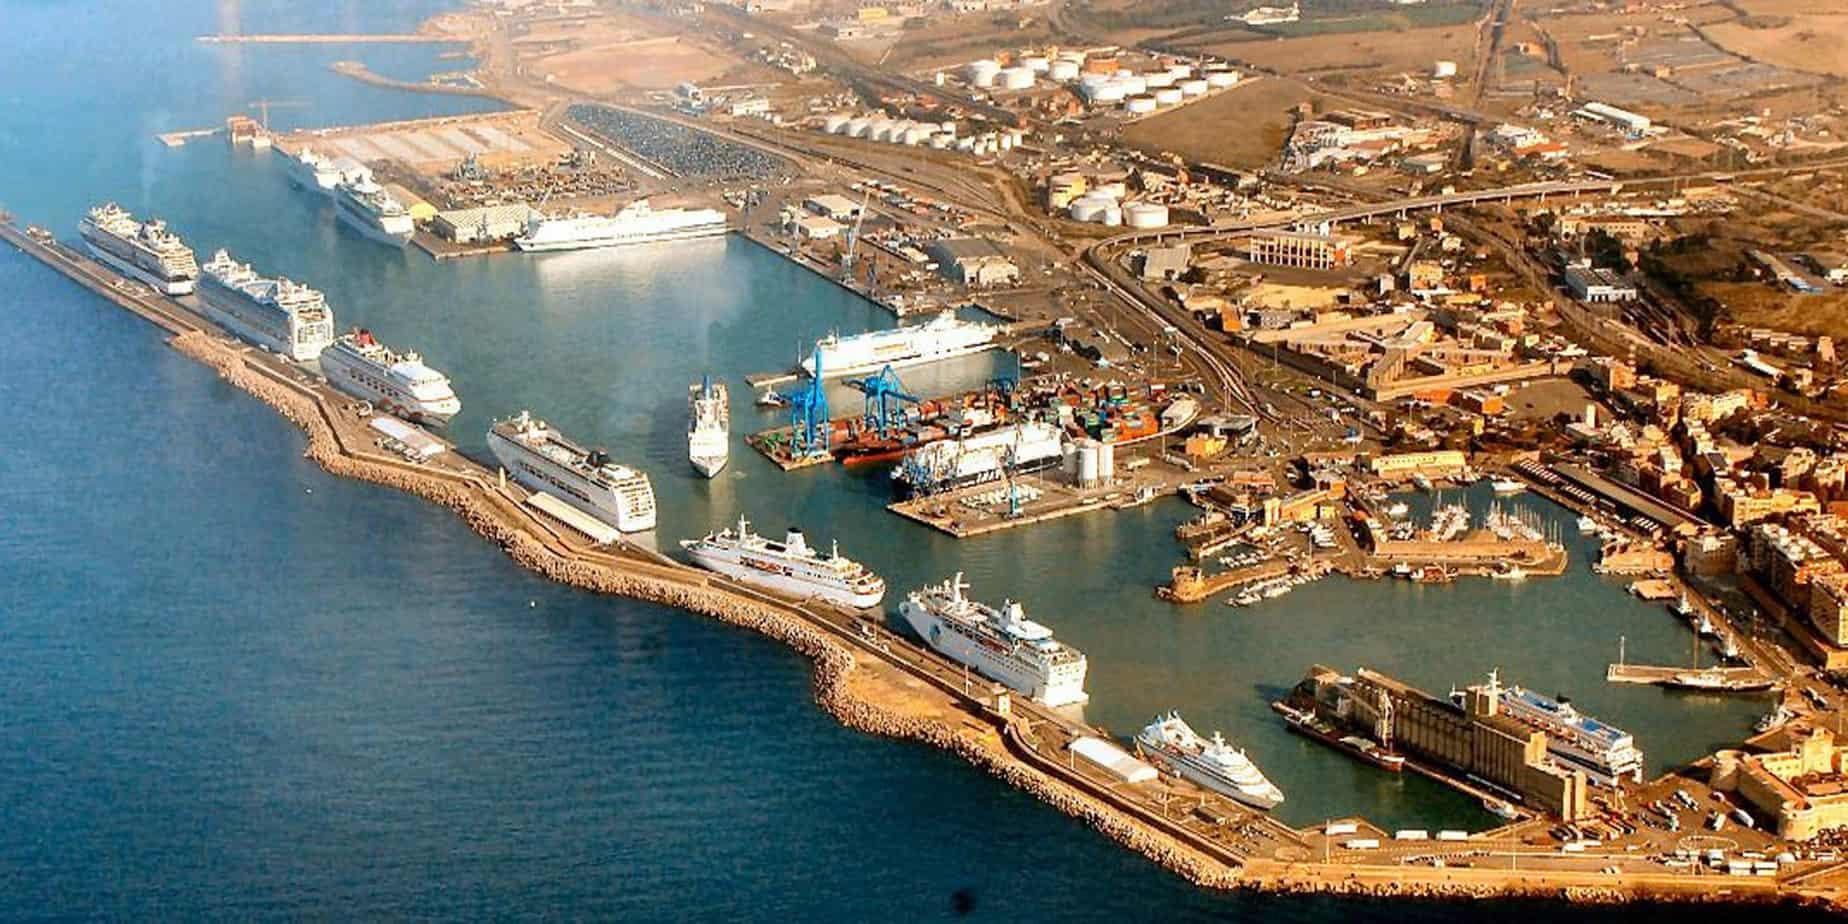 Una panoramica dello scalo laziale di Civitavecchia: sono visibili alcuni navi da crociere accostate al molo dedicato